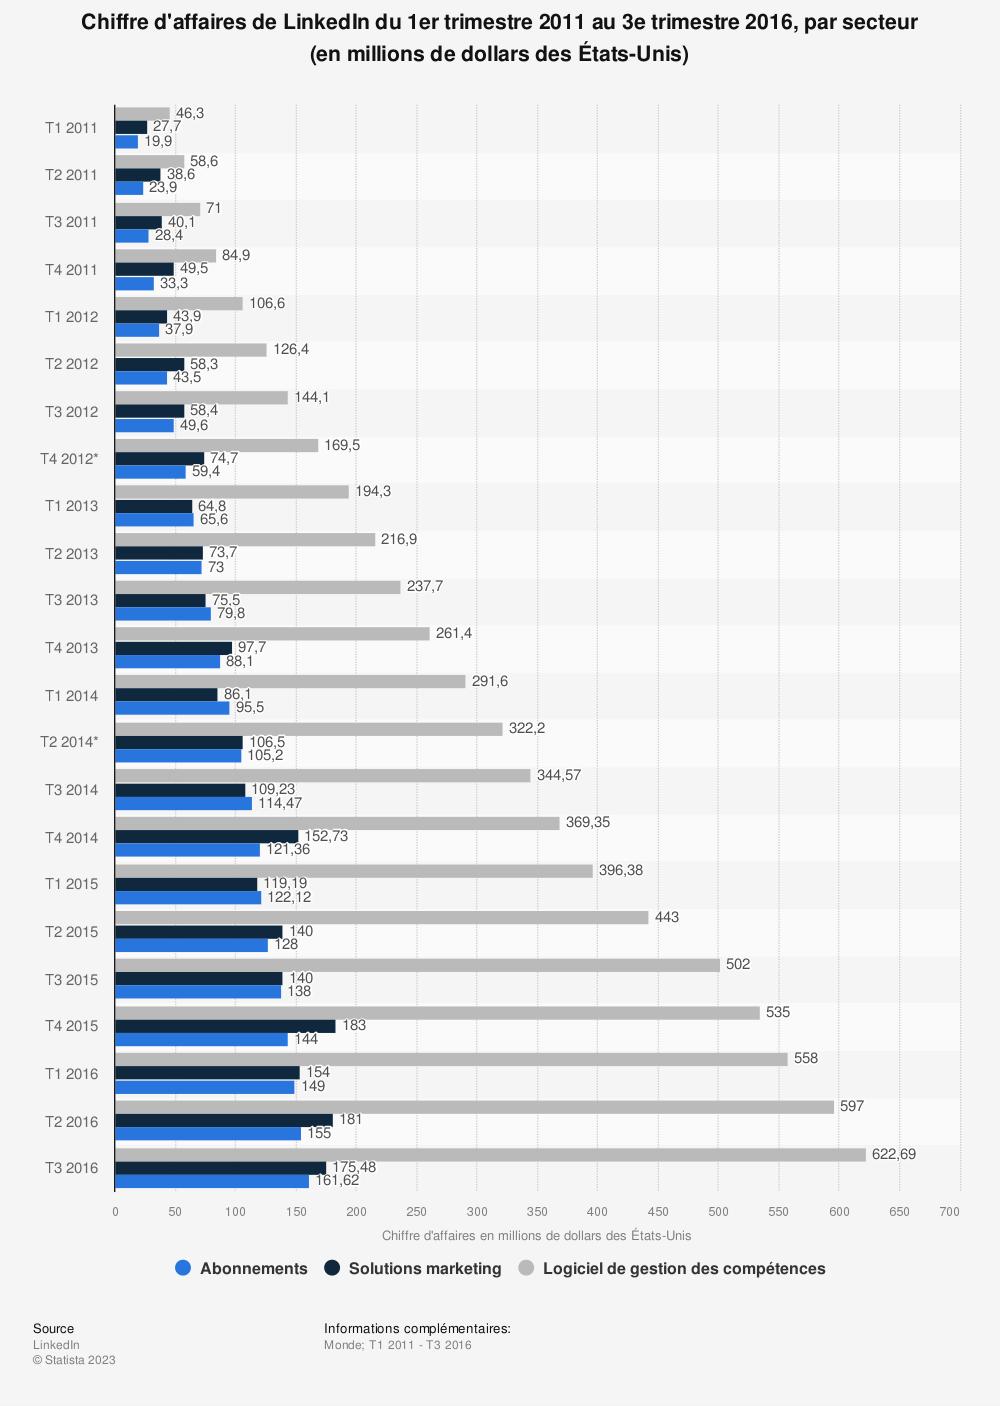 Statistique: Chiffre d'affaires de LinkedIn du 1er trimestre 2011 au 3e trimestre 2016, par secteur (en millions de dollars des États-Unis) | Statista